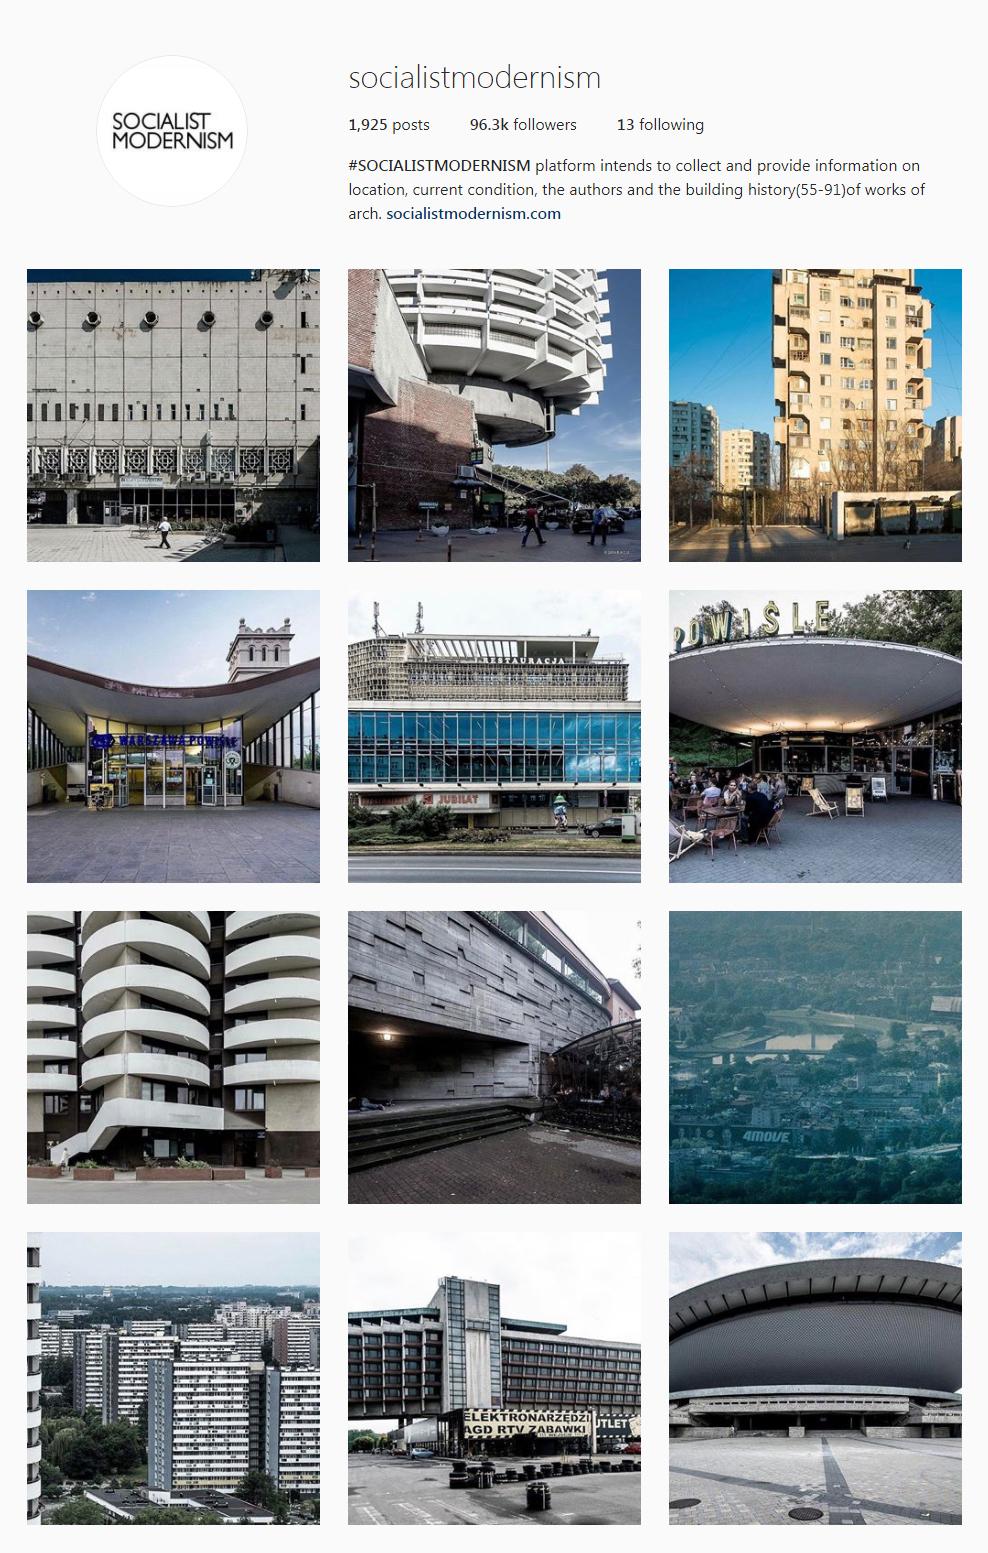 Best Architectural Instagram Feeds of 2017 - Socialist Modern